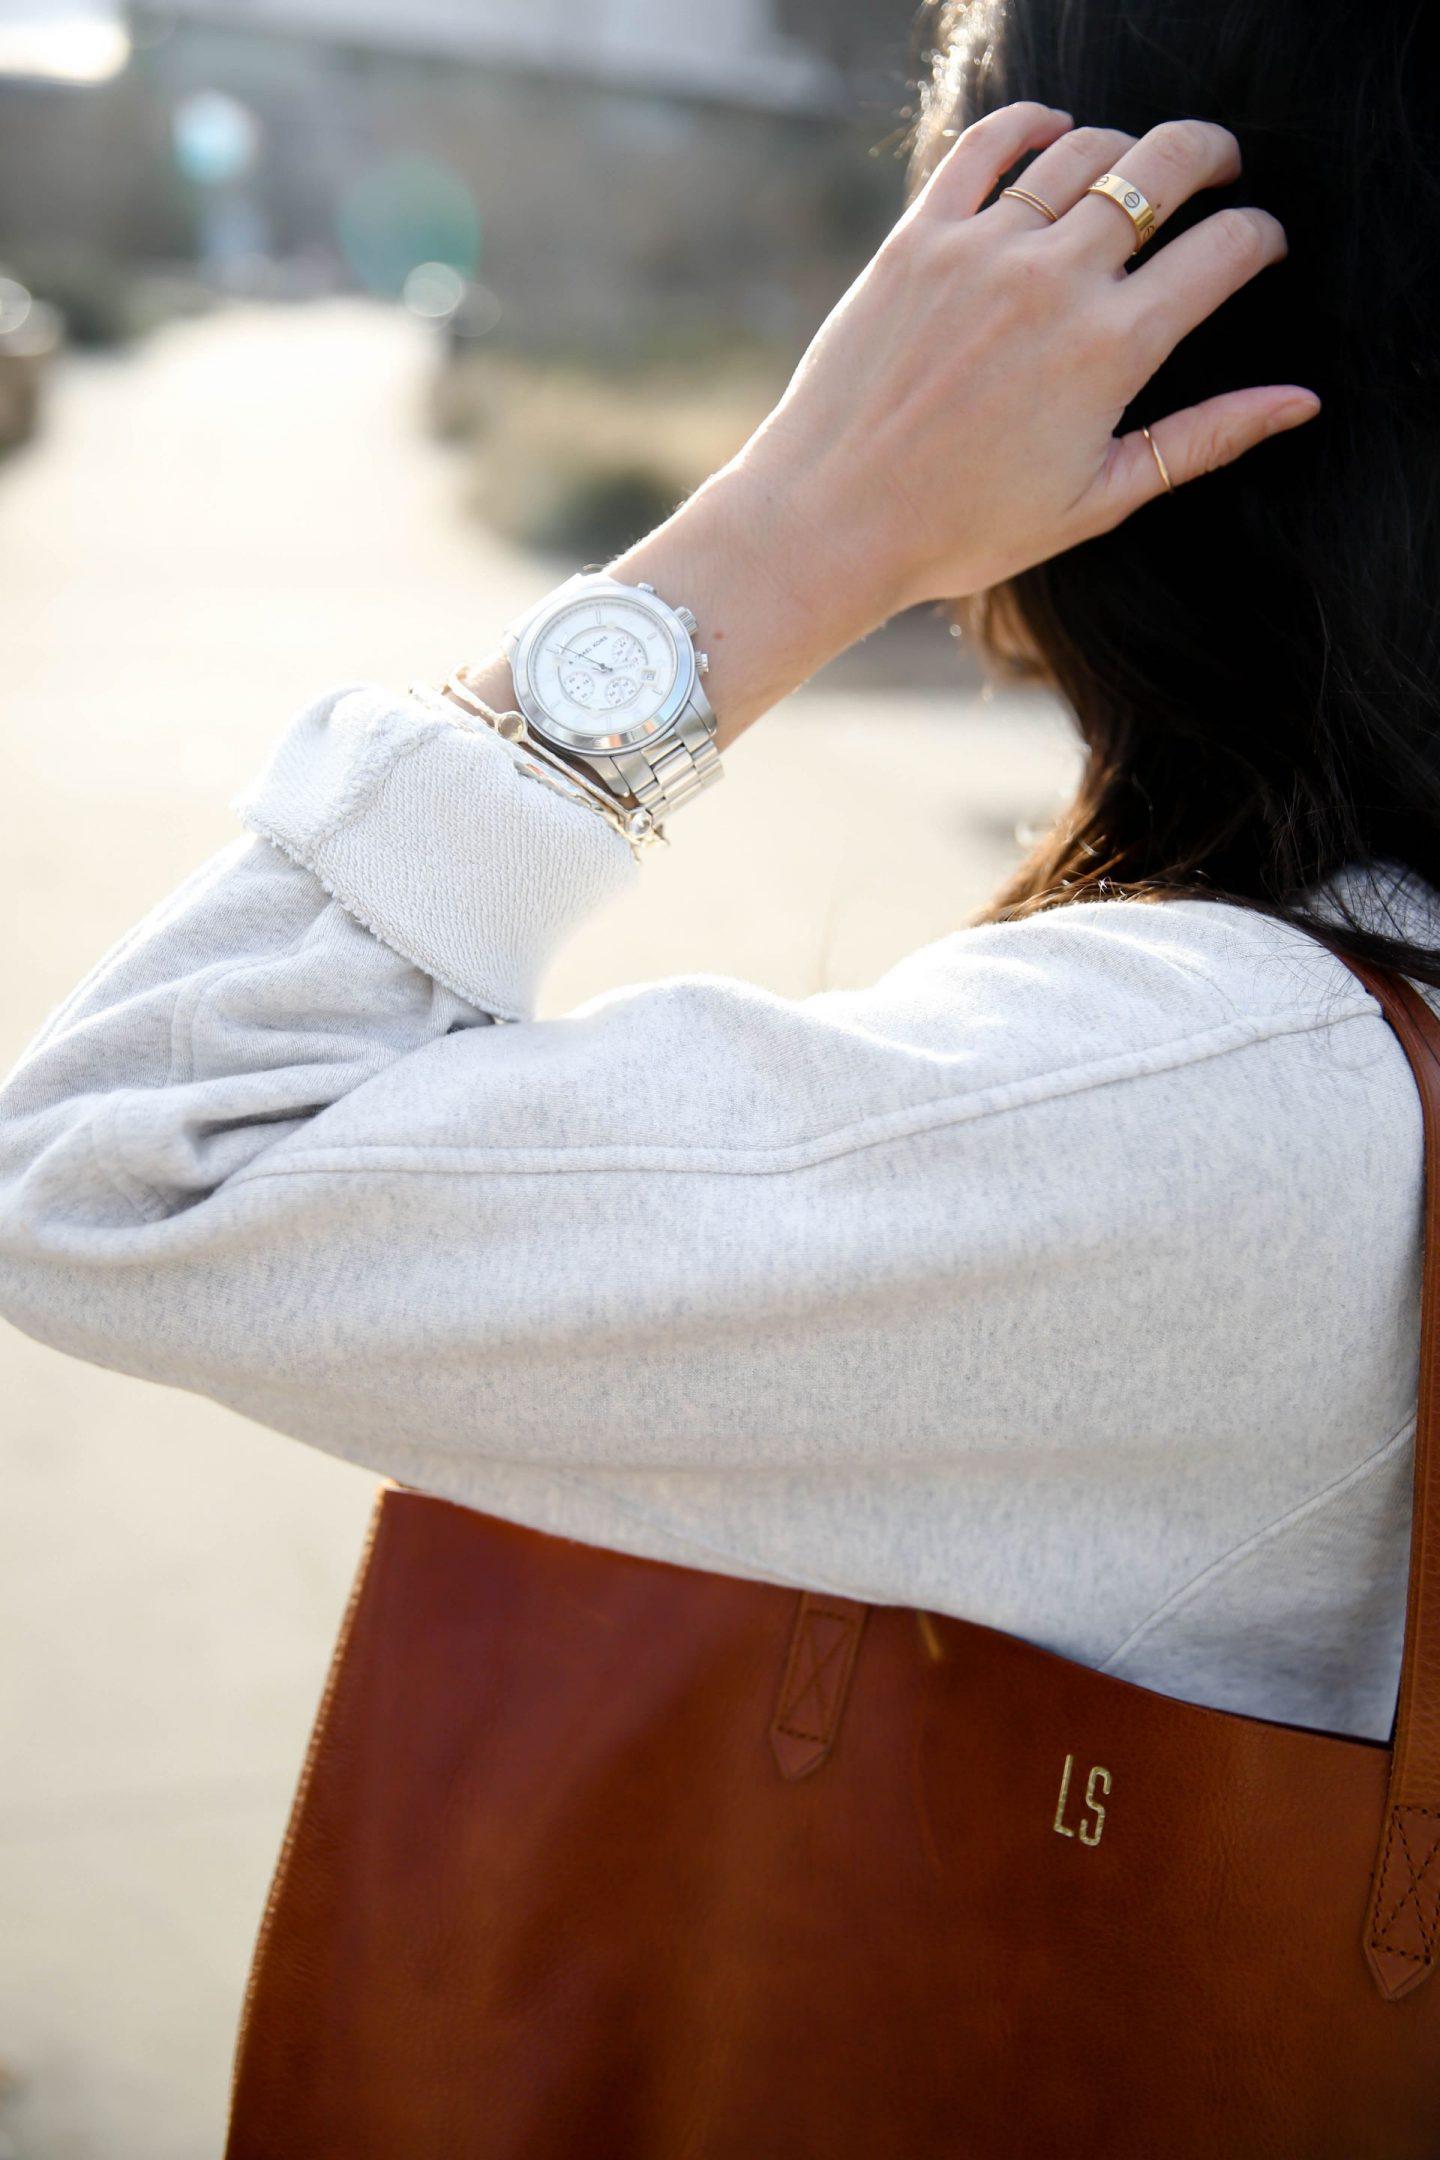 Michael Kors Watch - Lauren Schwaiger Style Blog